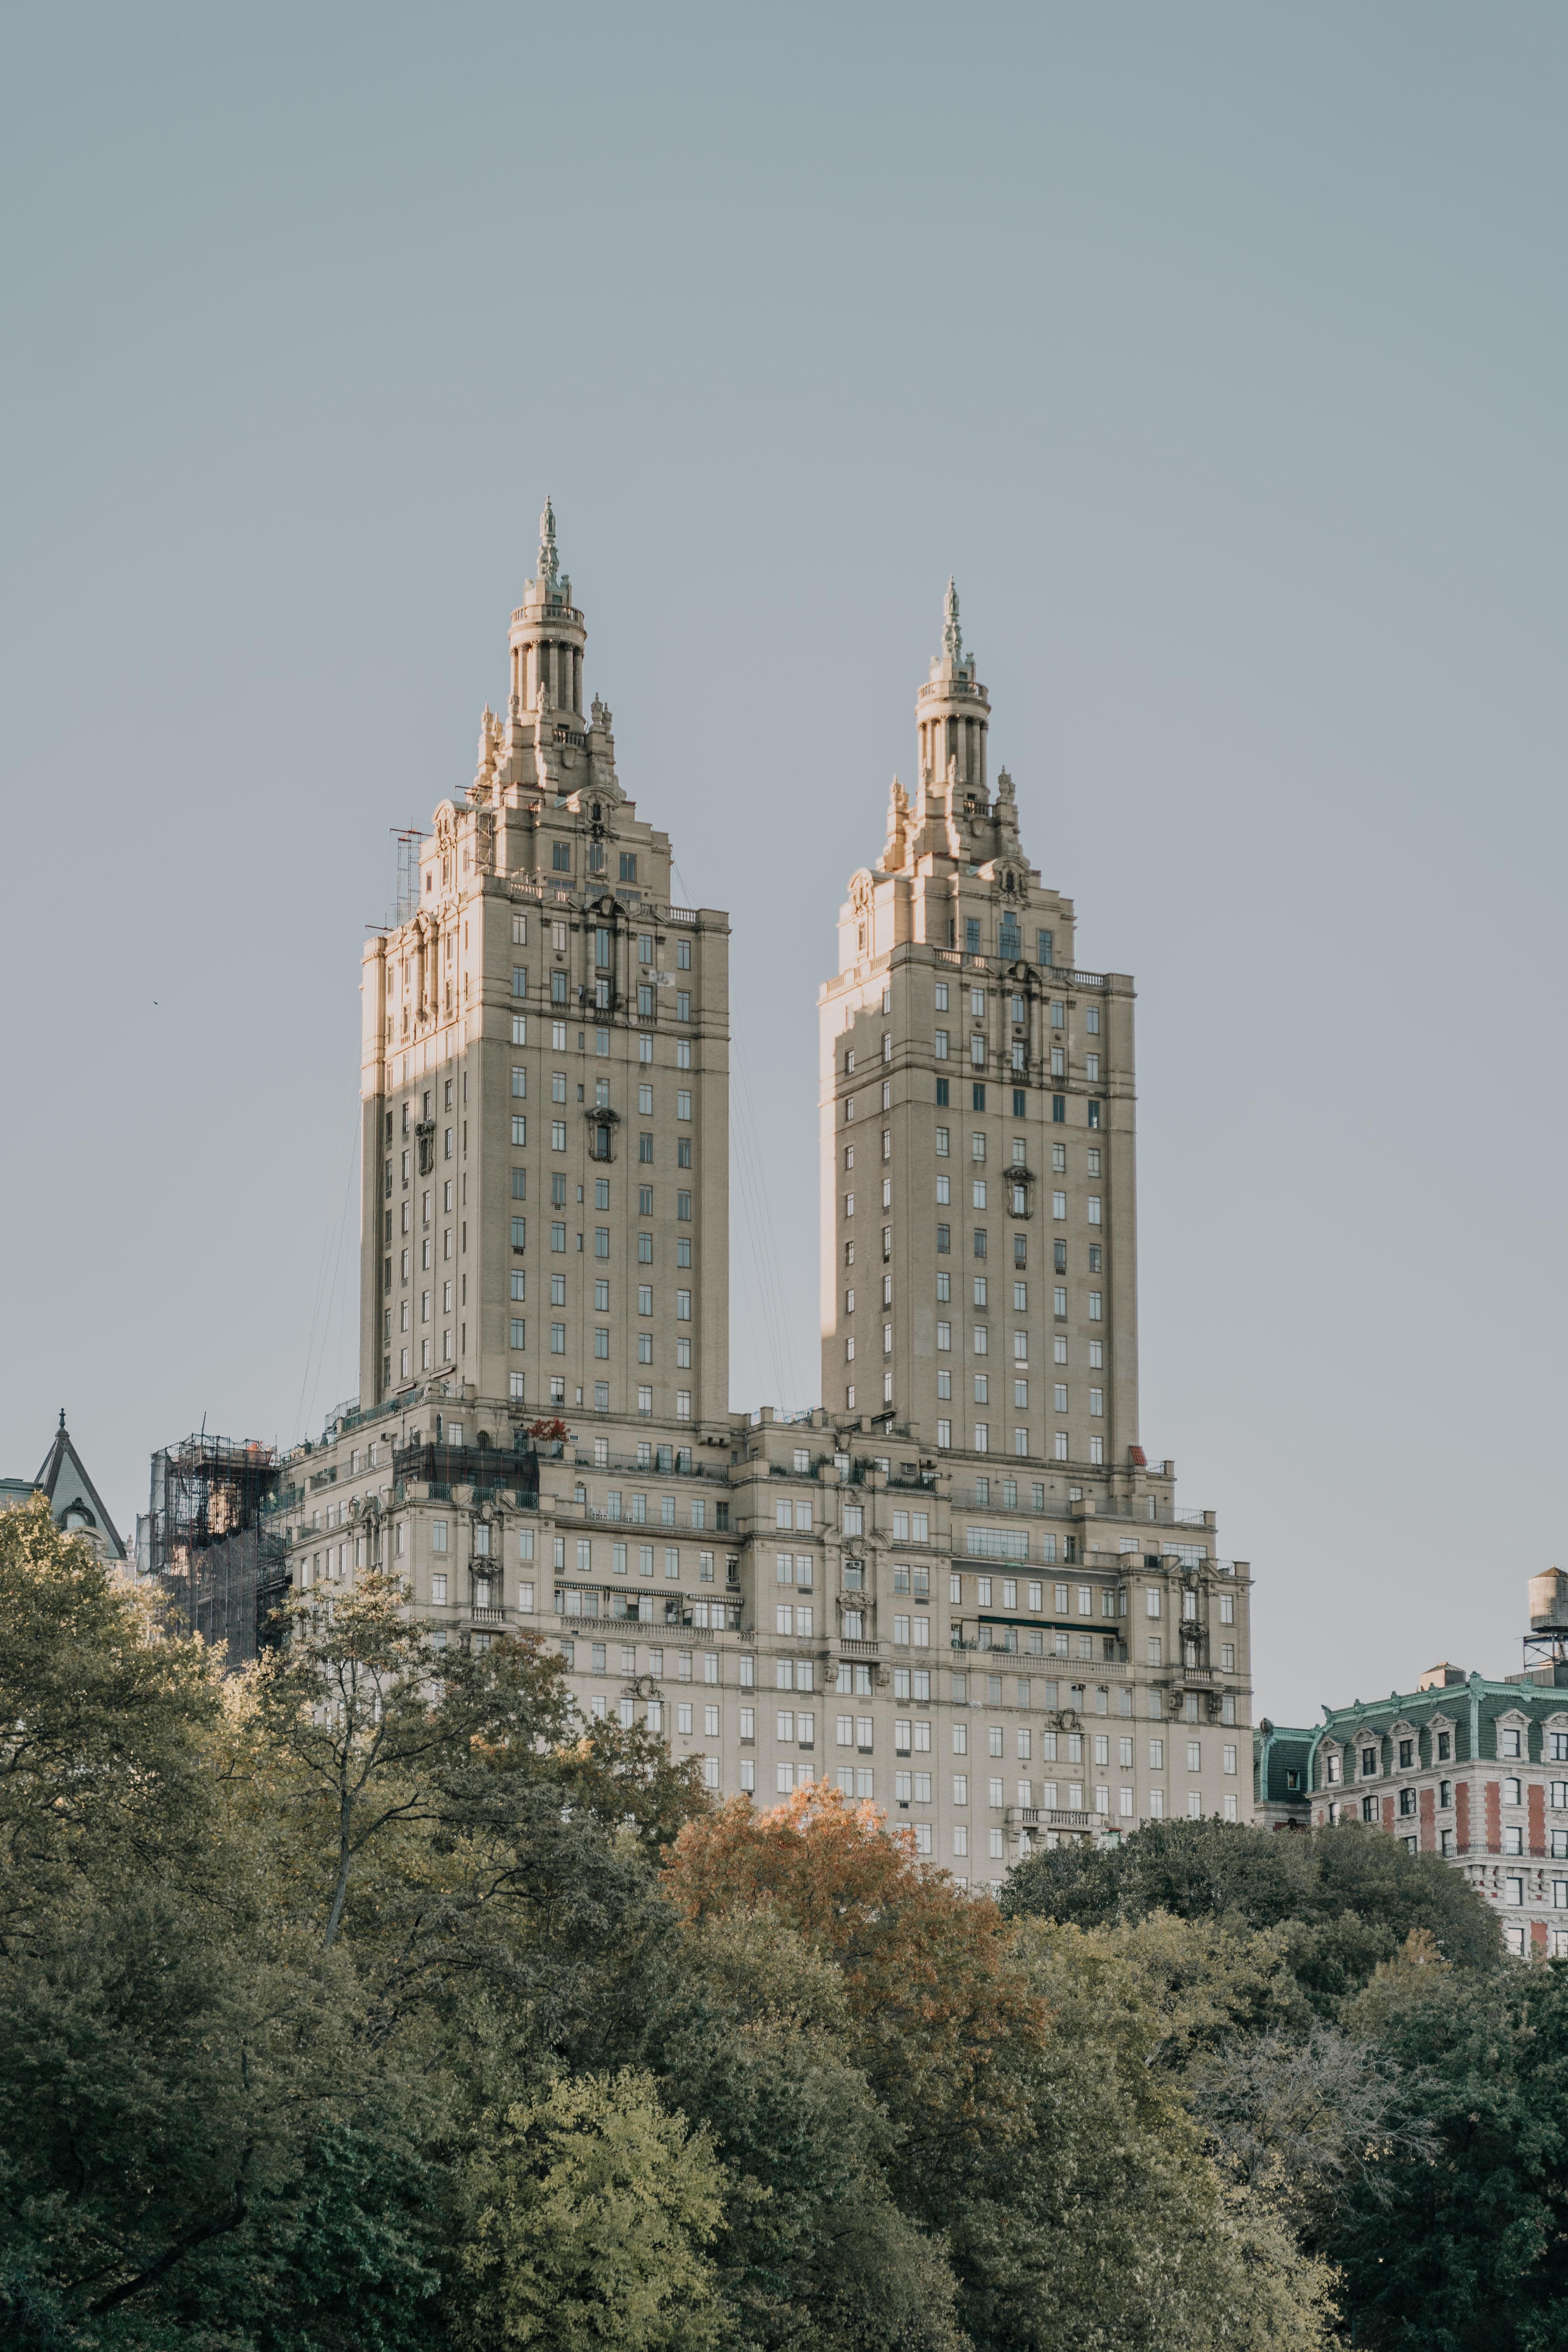 105178 скачать обои Разное, Башня, Здание, Старый, Нью-Йорк, Архитектура - заставки и картинки бесплатно